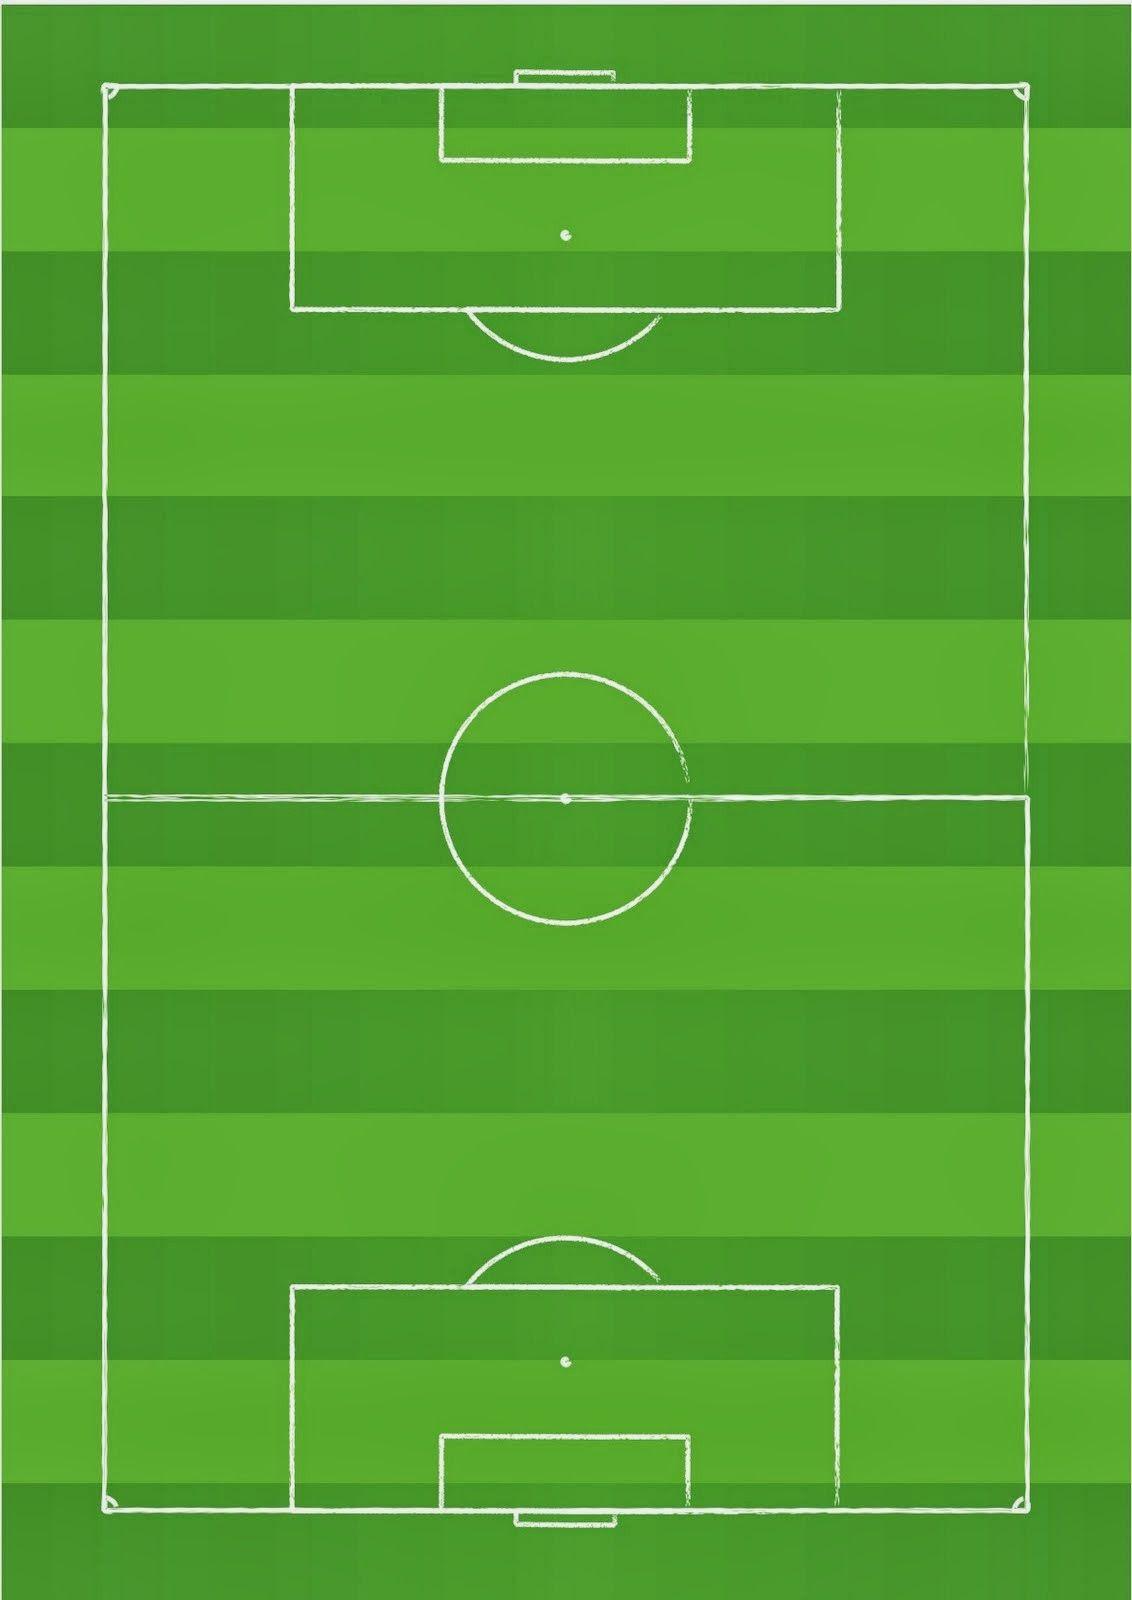 Kit para Fiestas de Futbol, para Imprimir gratis. | Parties ...